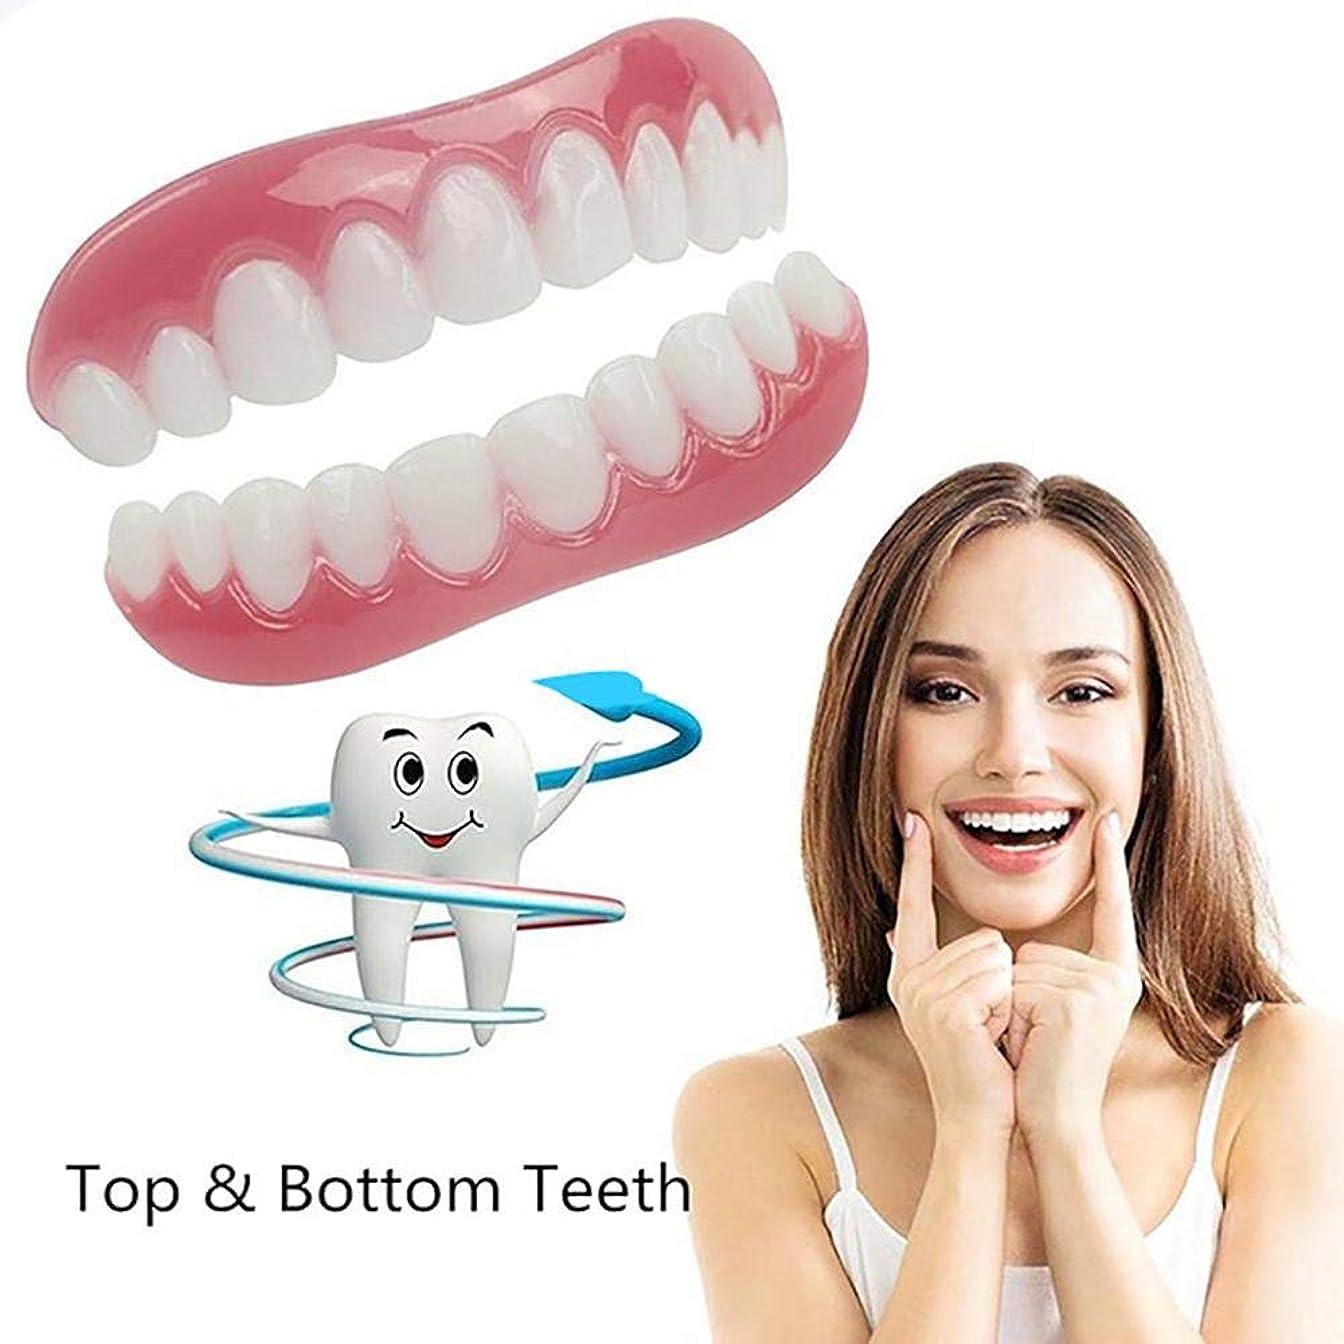 優れました頭蓋骨確執義歯口腔ケア歯が安全に詰まっている上部下部シリコンブレースを白くする笑顔の悪い歯を矯正するために新しい笑顔に使用,26pairs